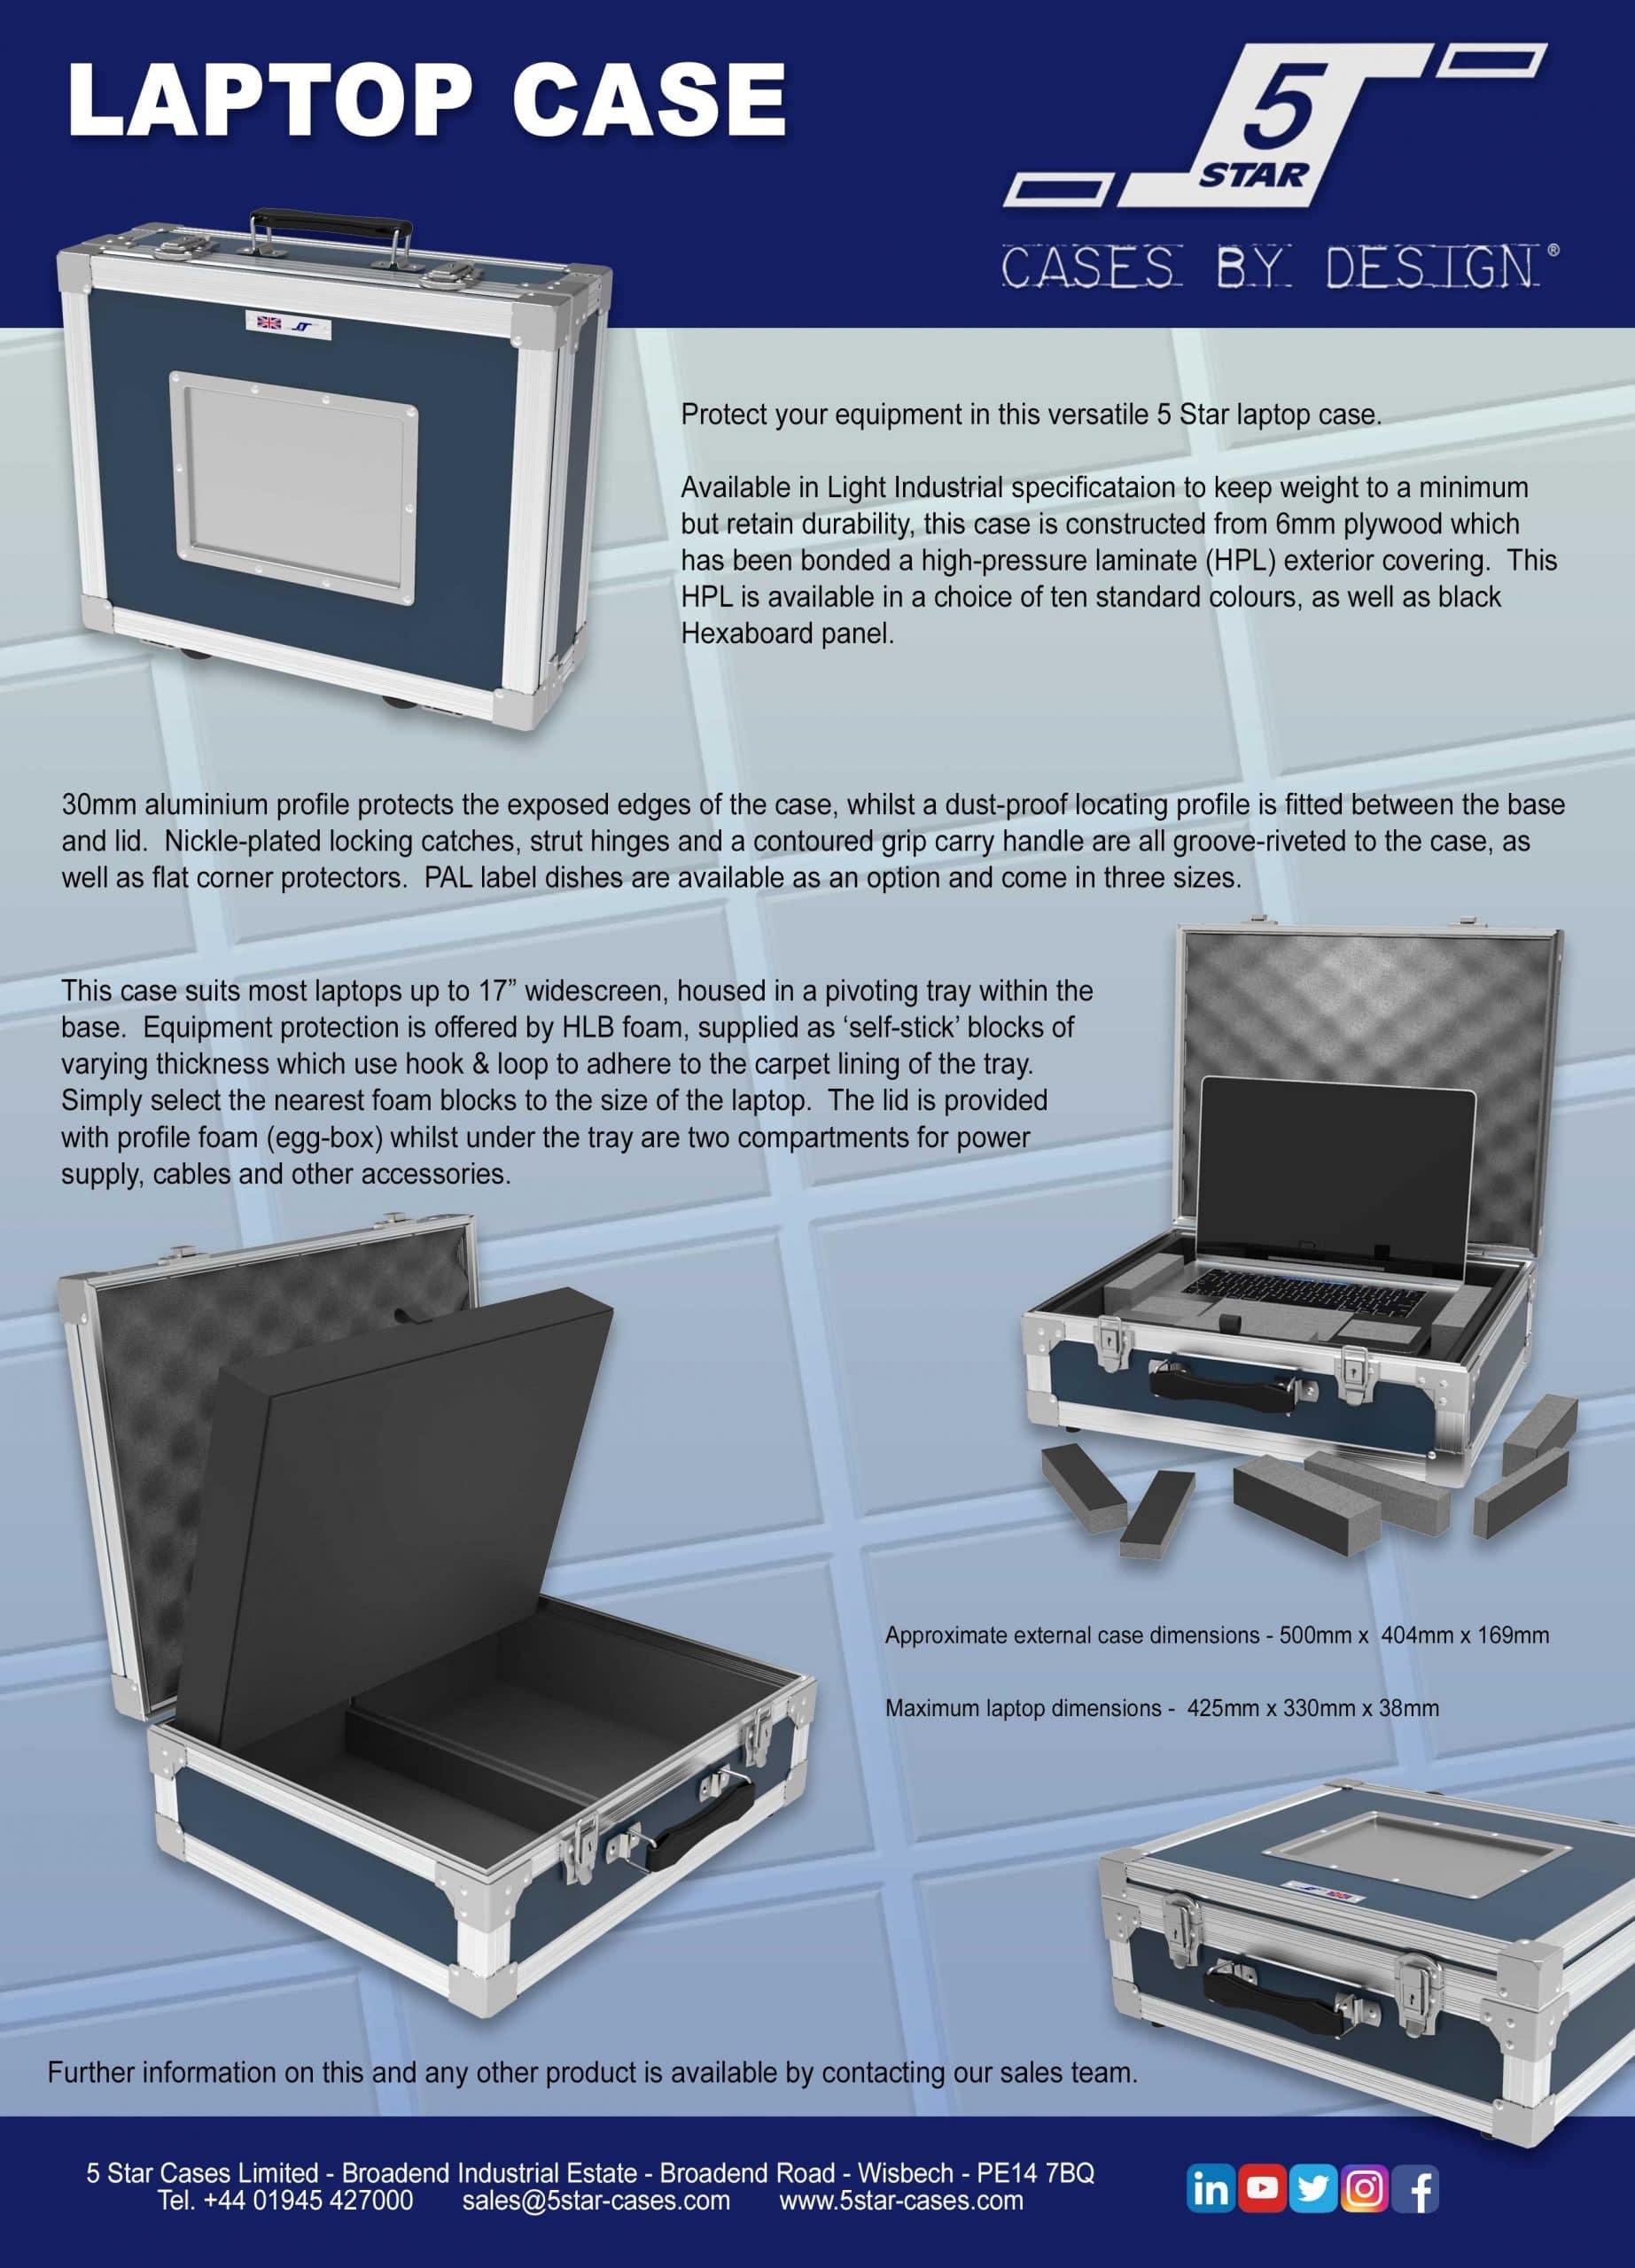 Laptop Case Leaflet 2021